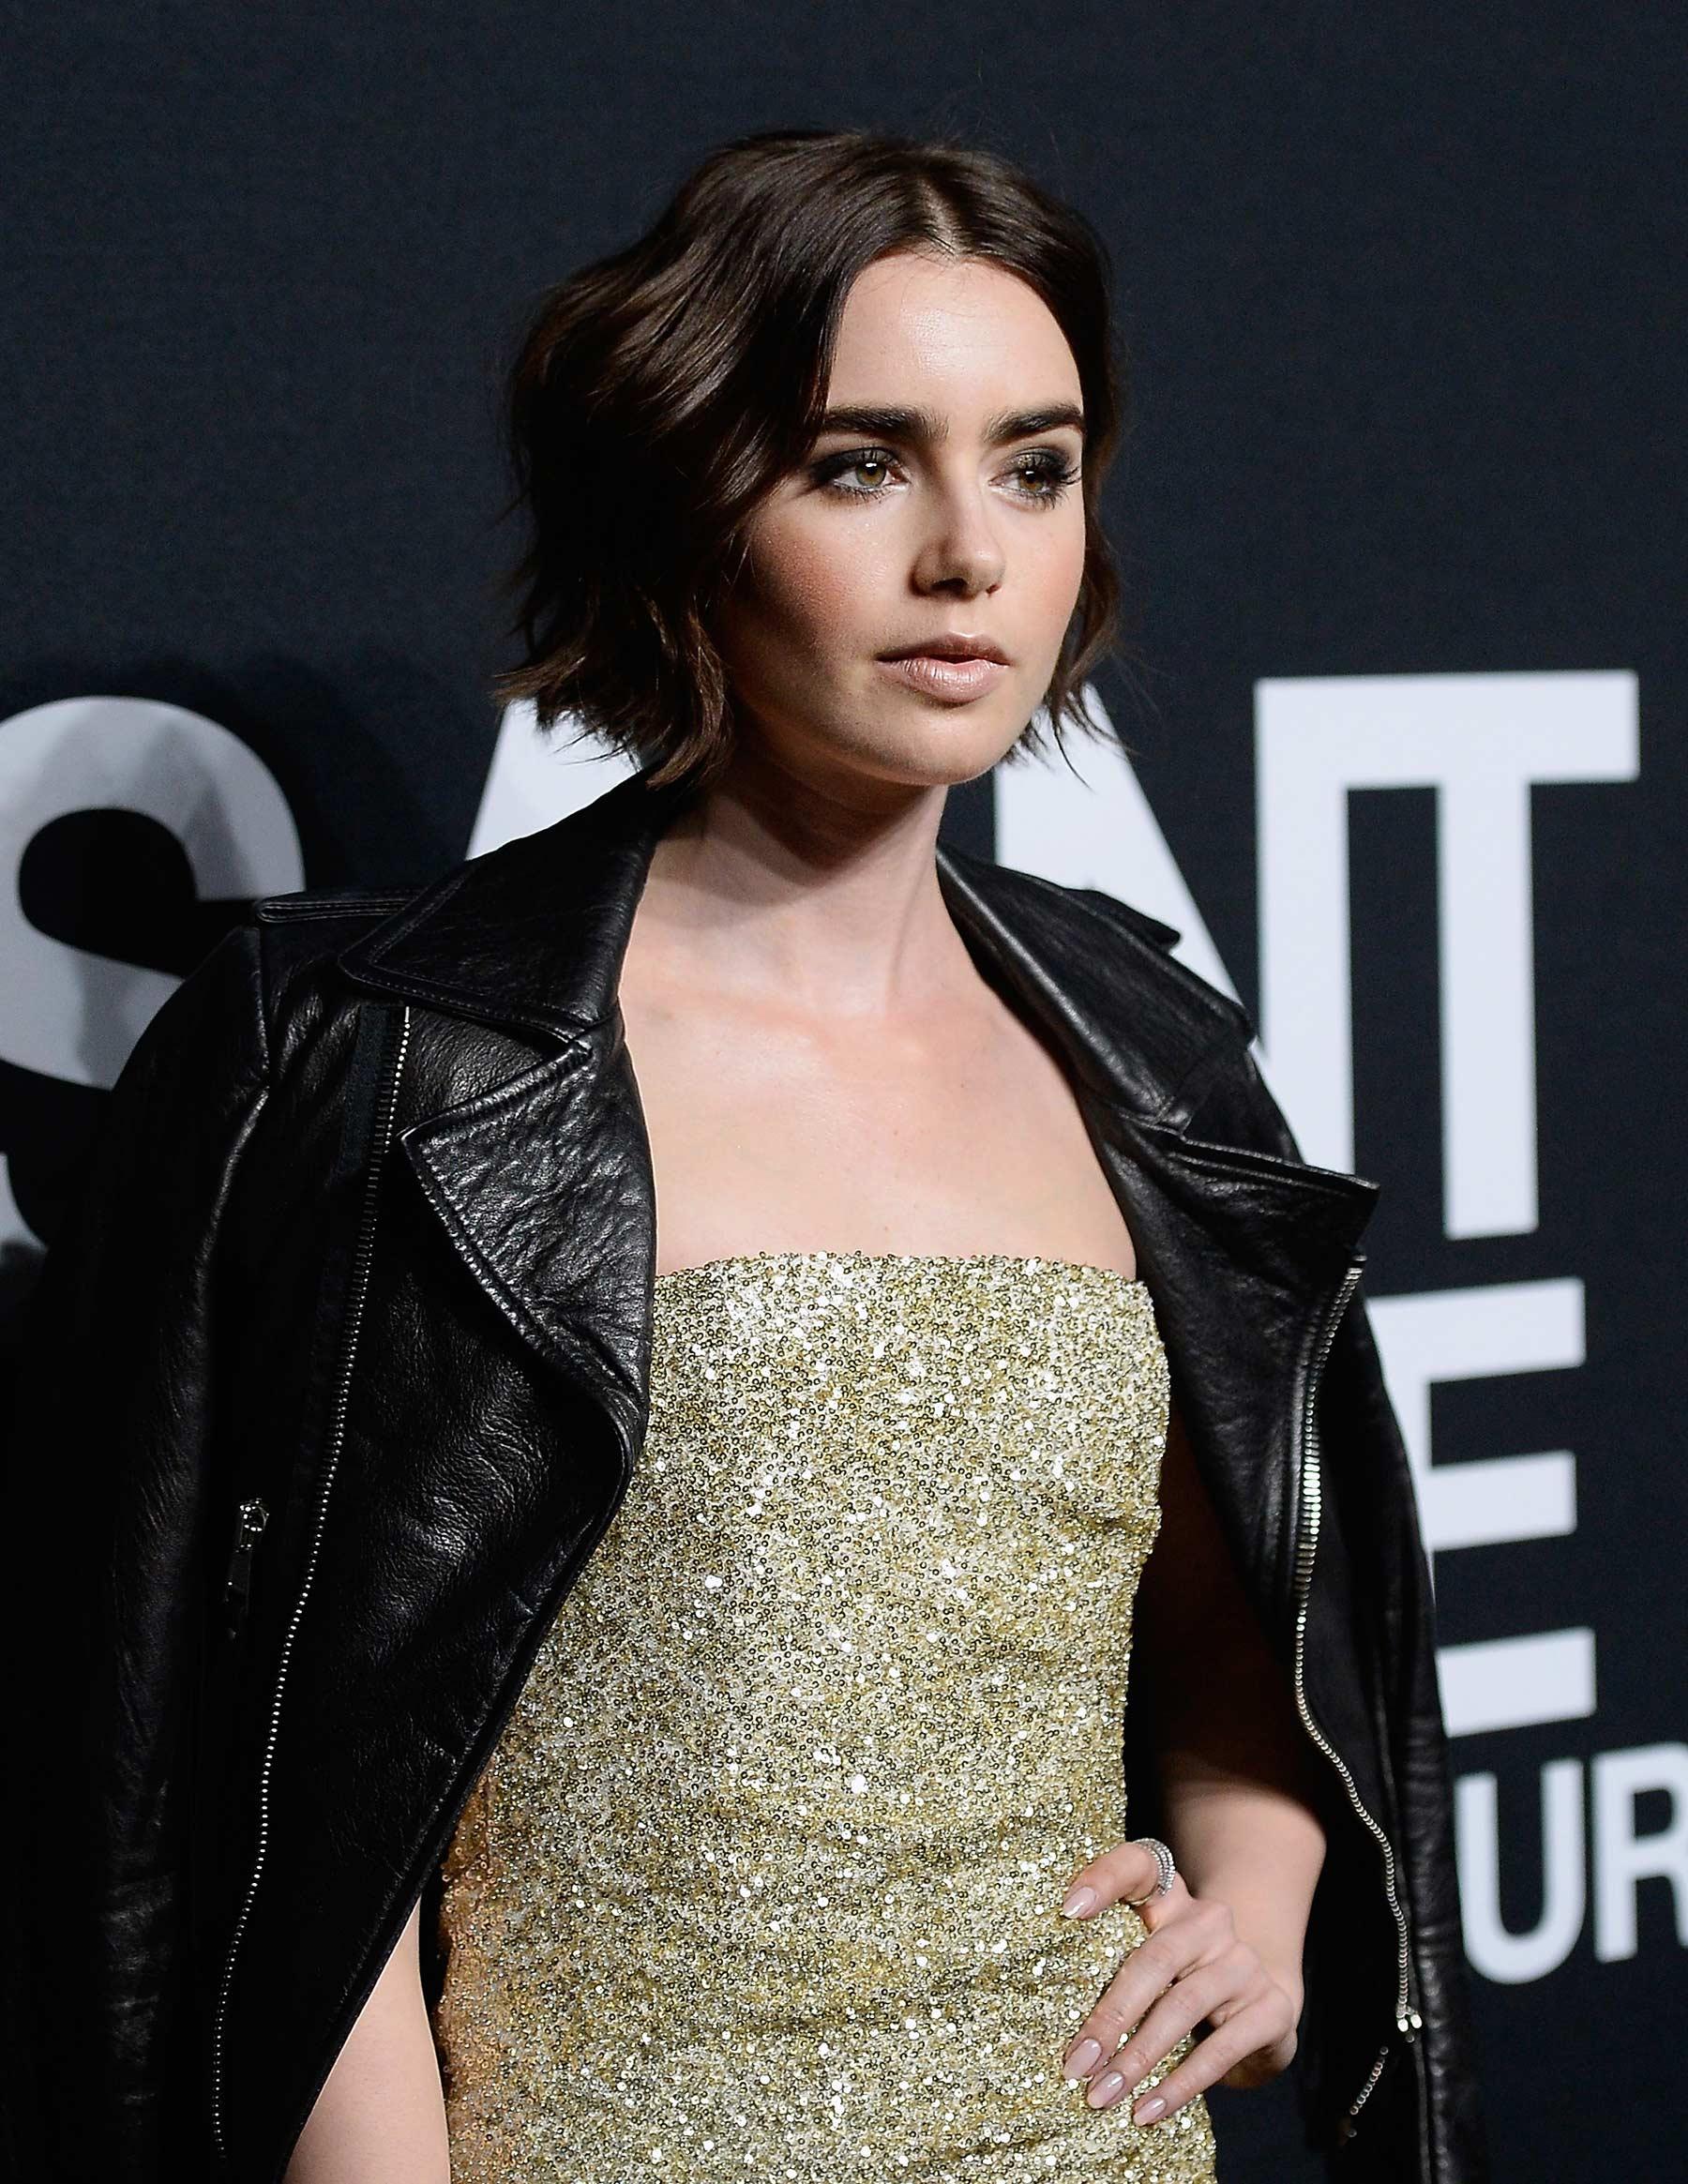 Lily Collins attends Saint Laurent Fashion Show